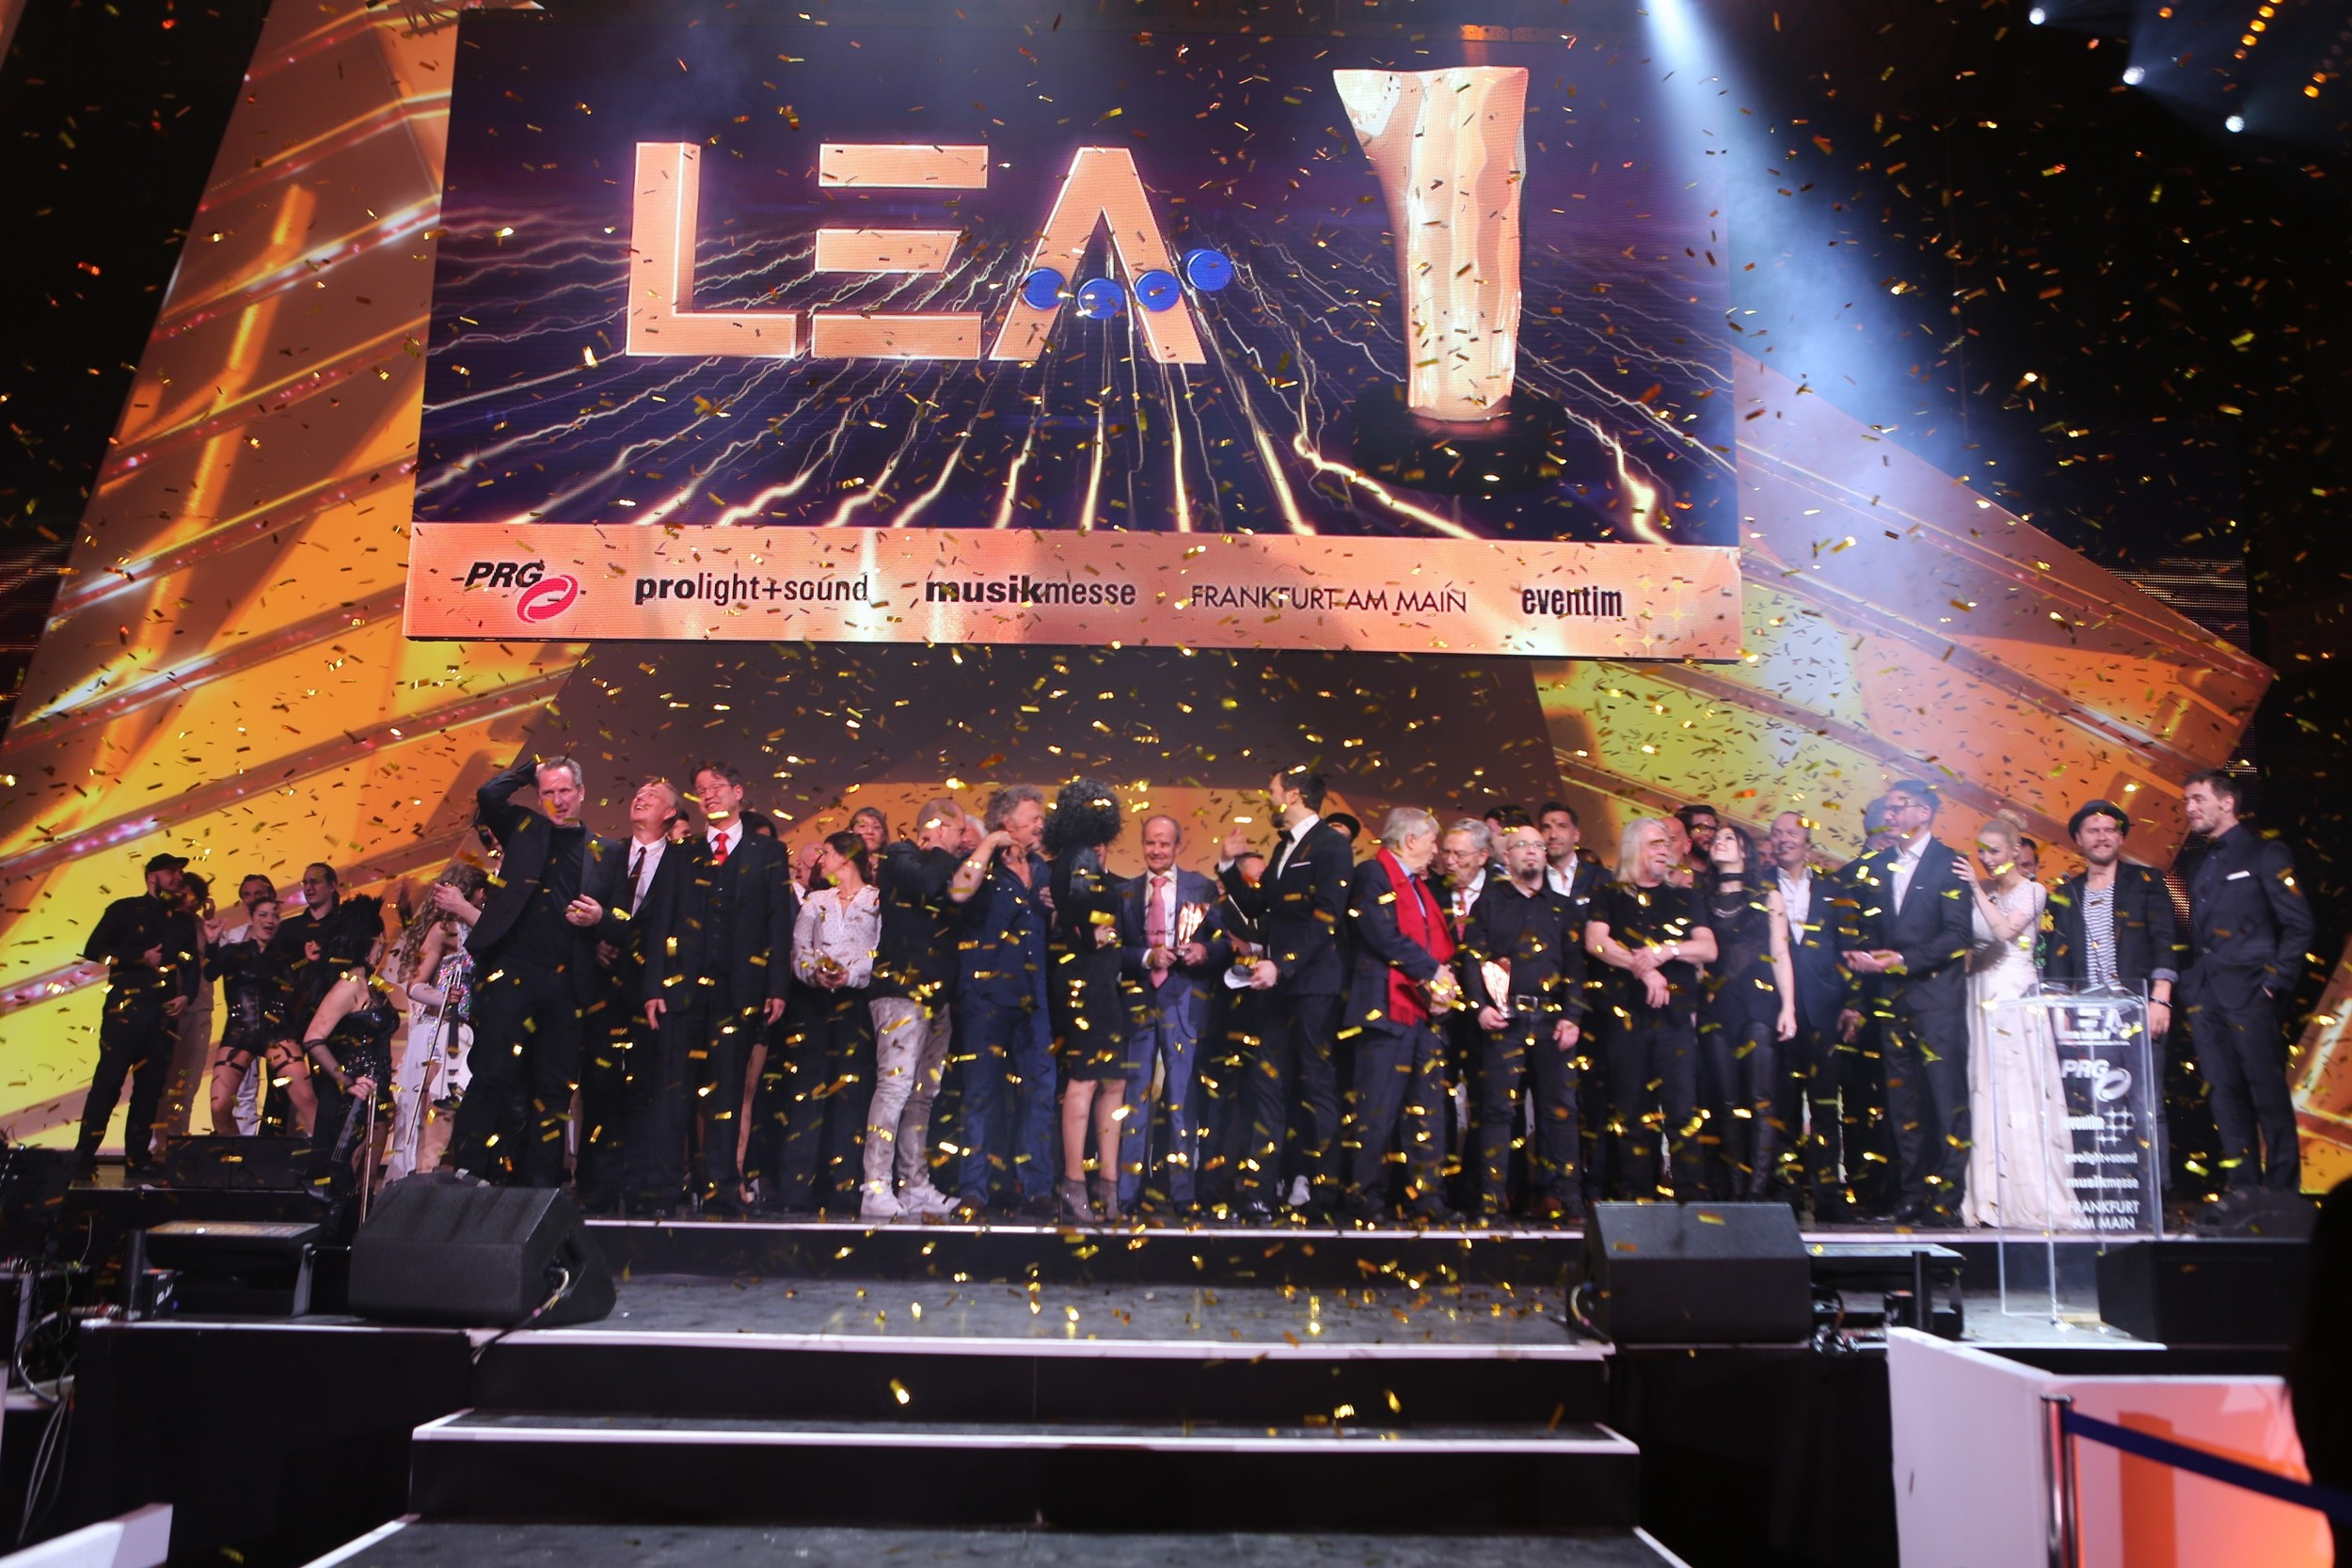 Live Entertainment Award 2016 - Abschlussbild aller Gewinner ( @ public address)